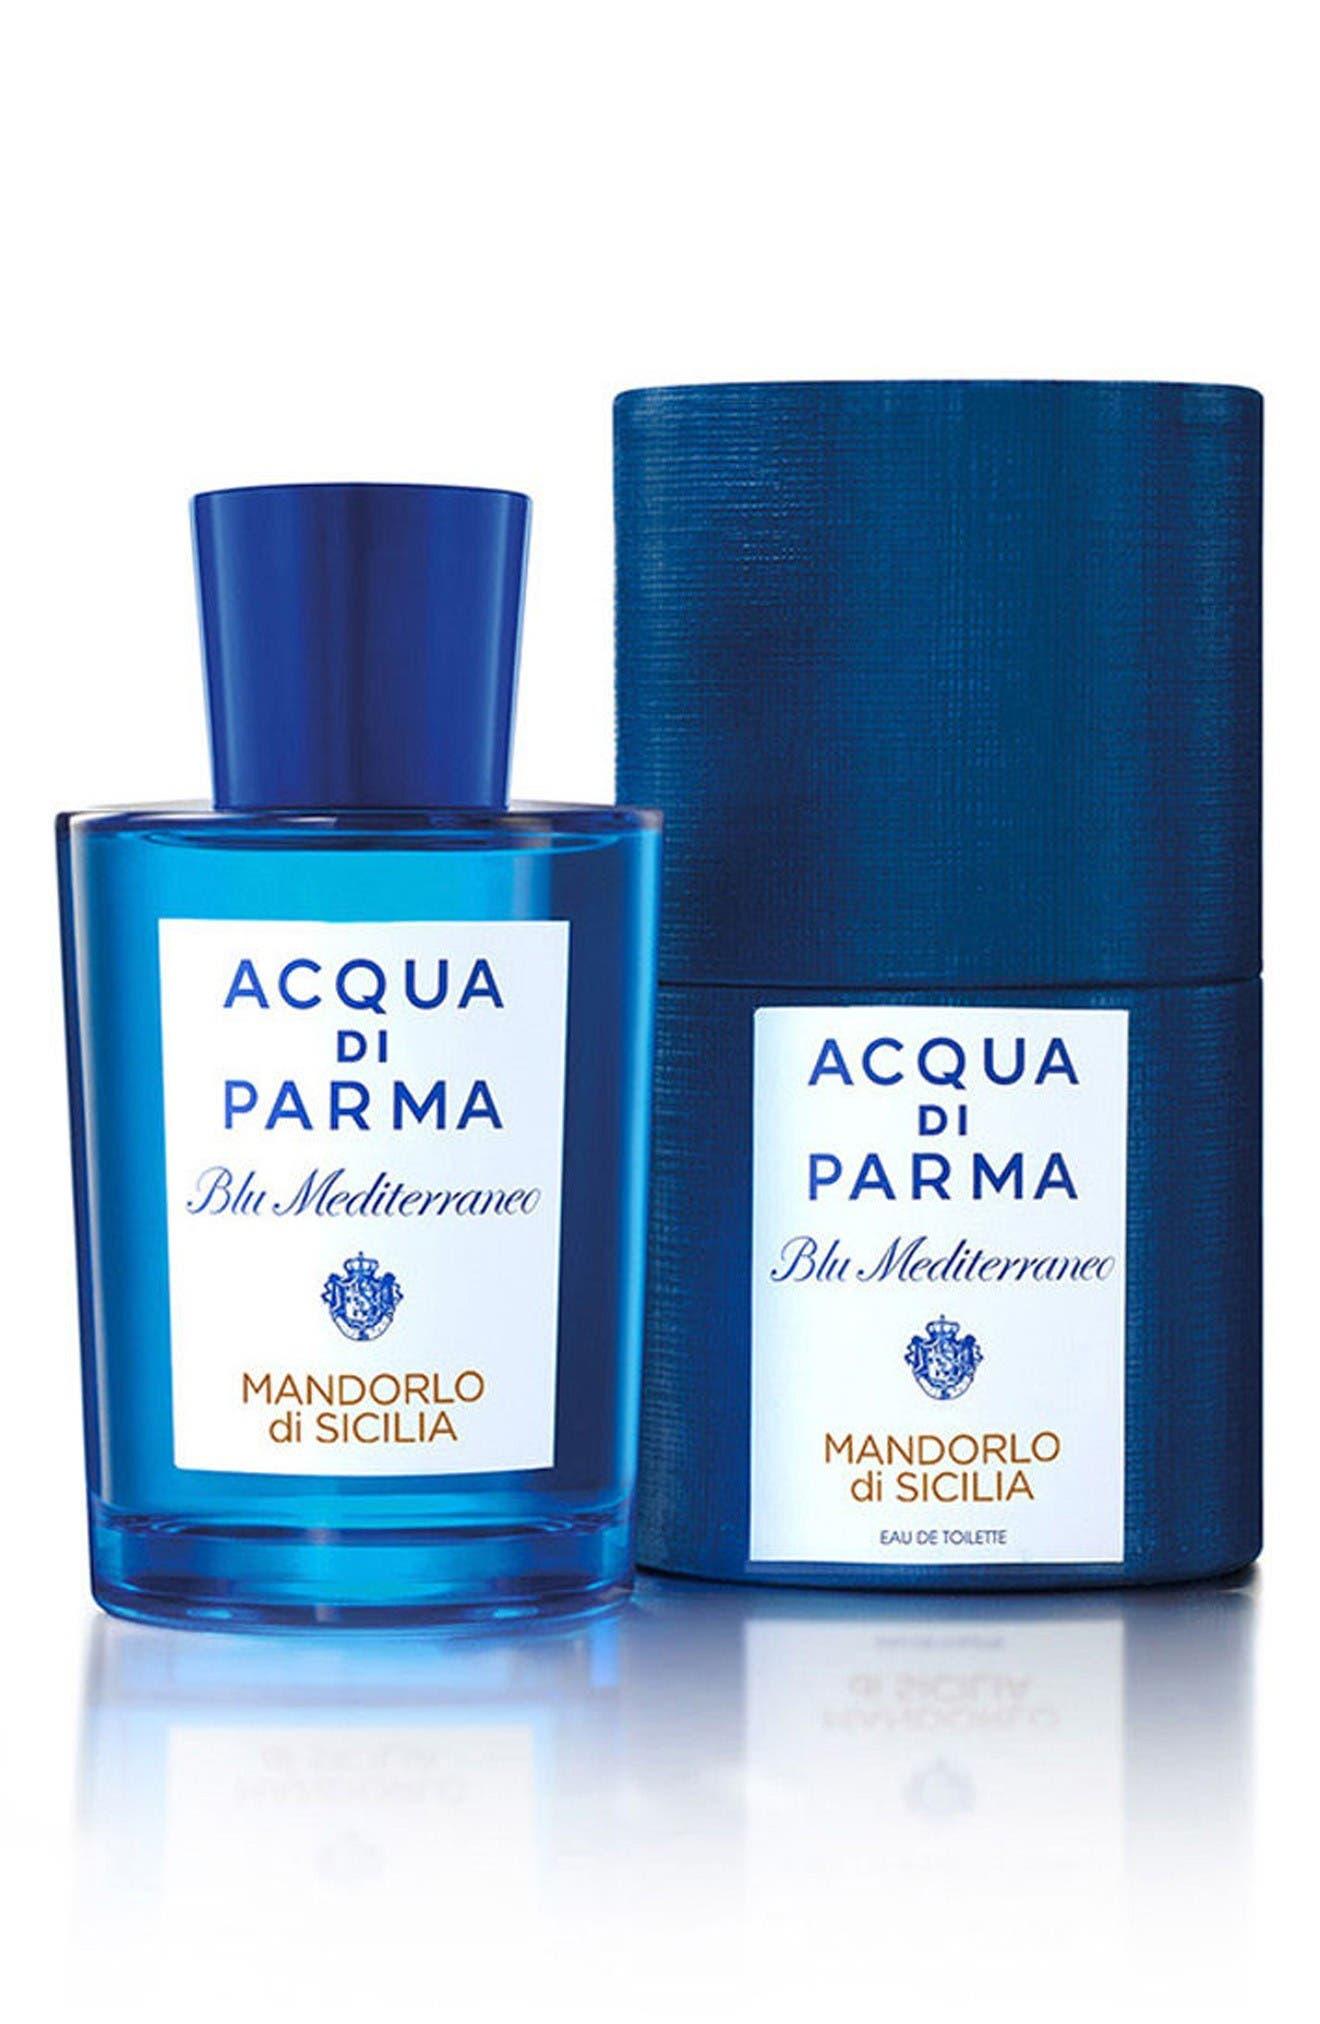 Alternate Image 2  - Acqua di Parma 'Blu Mediterraneo' Mandorlo di Sicilia Eau de Toilette Spray